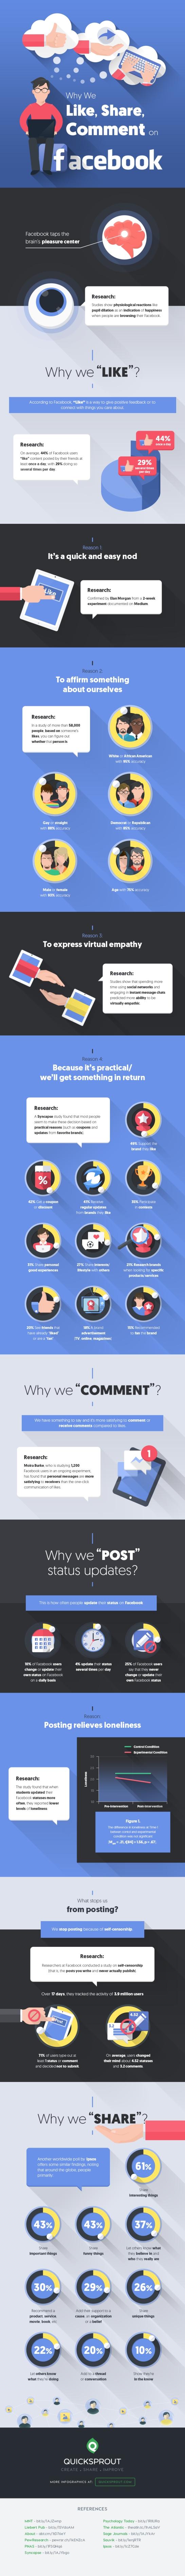 Pourquoi les internautes donnent des Like et commentent sur Facebook ? AUTOVEILLE